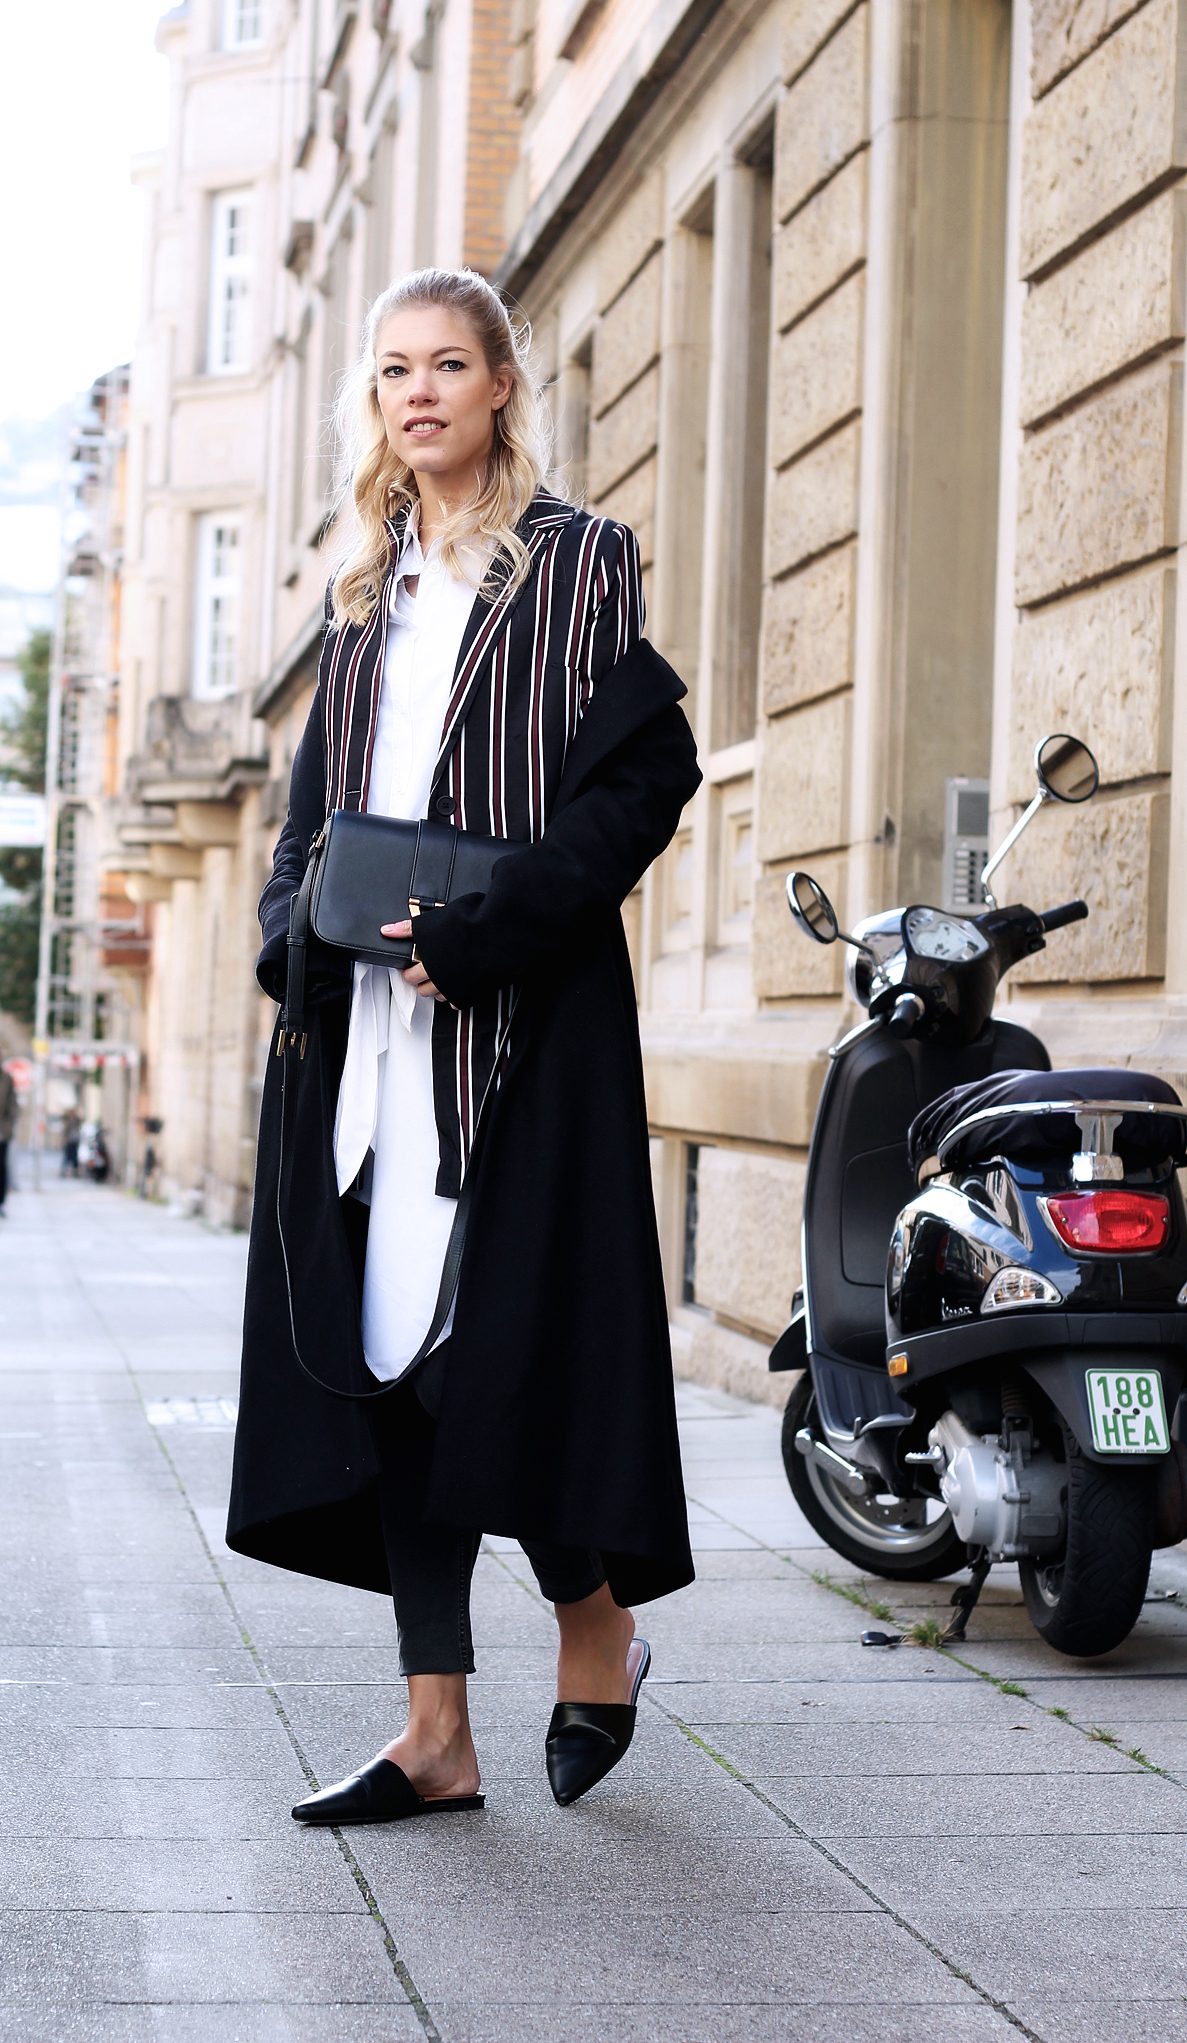 somehappyshoes_fashionblog_saintlaurent_herbst_hm_slipper1